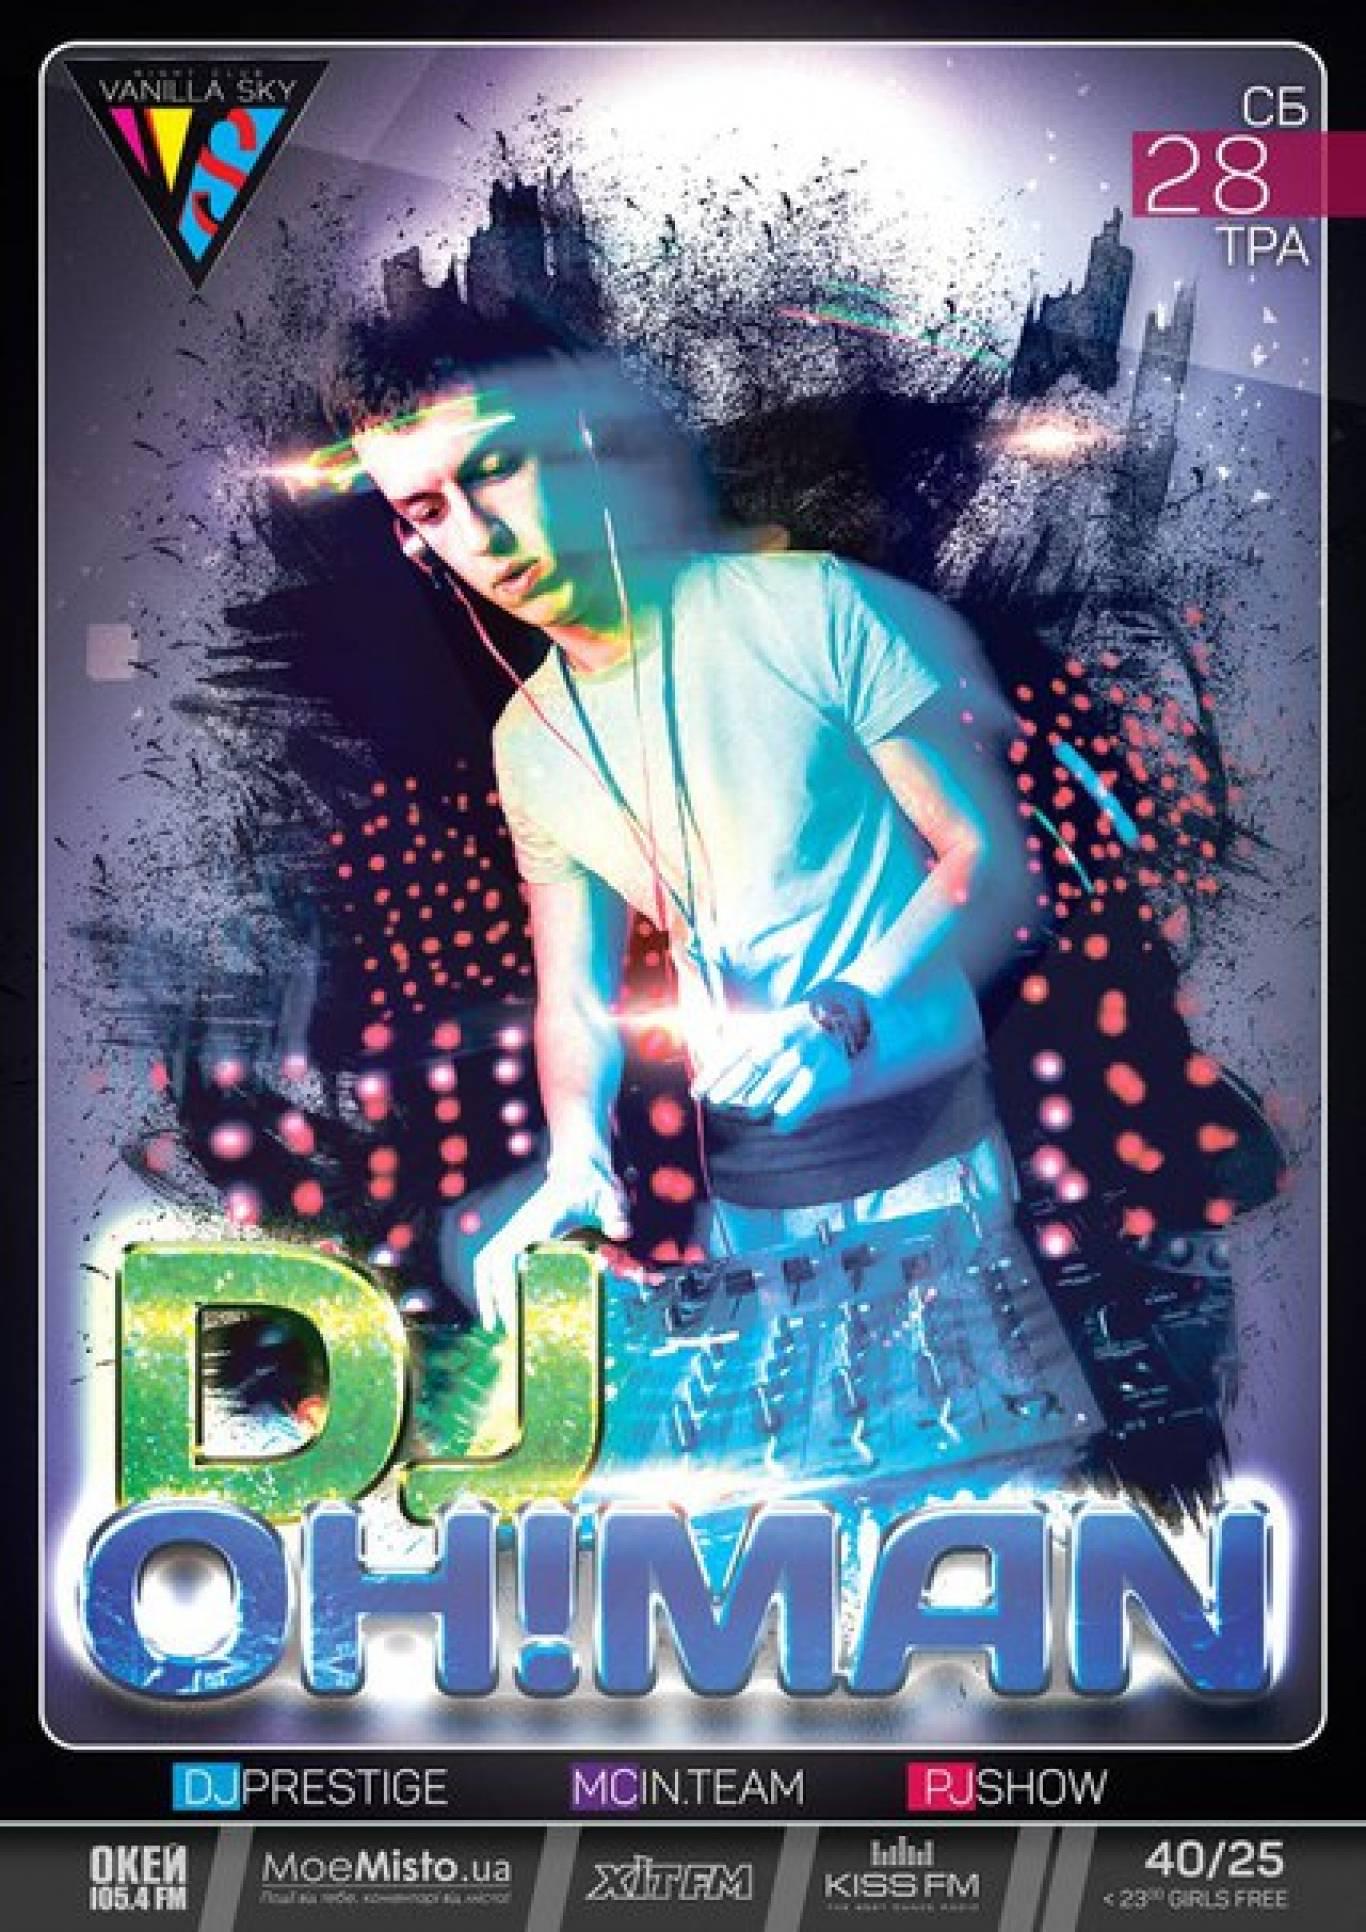 """Вечірка """"DJ OH!MAN"""" НК Vanilla Sky"""